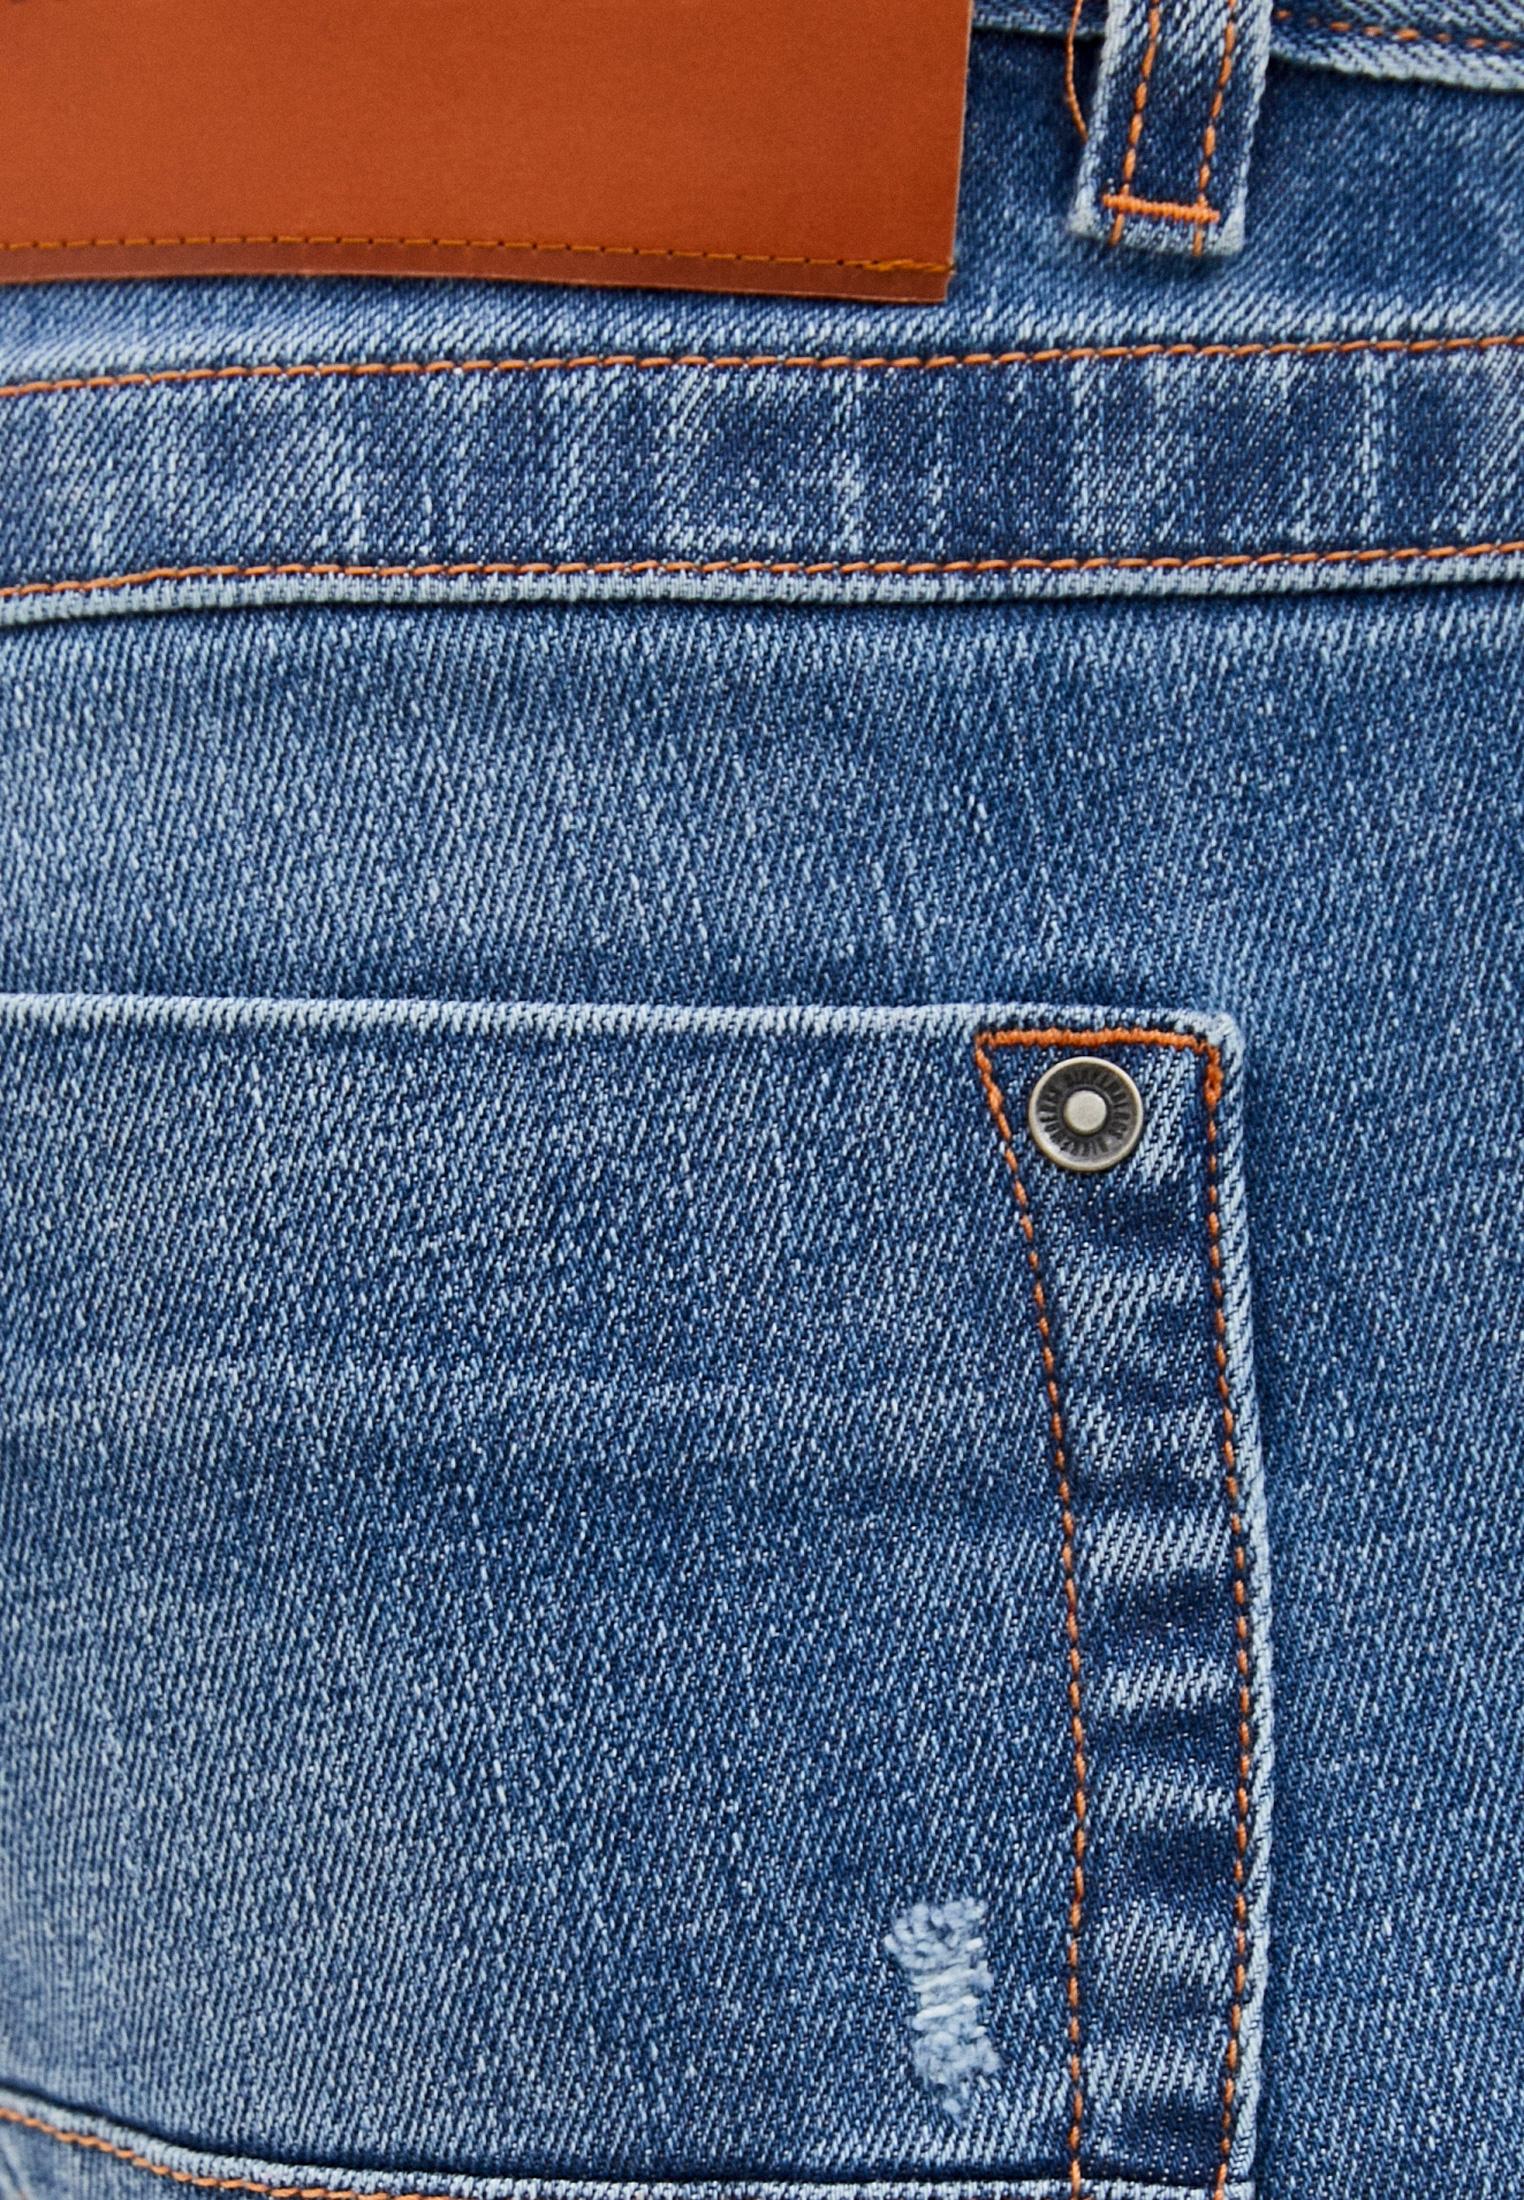 Мужские зауженные джинсы Bikkembergs (Биккембергс) C Q 101 03 S 3393: изображение 5